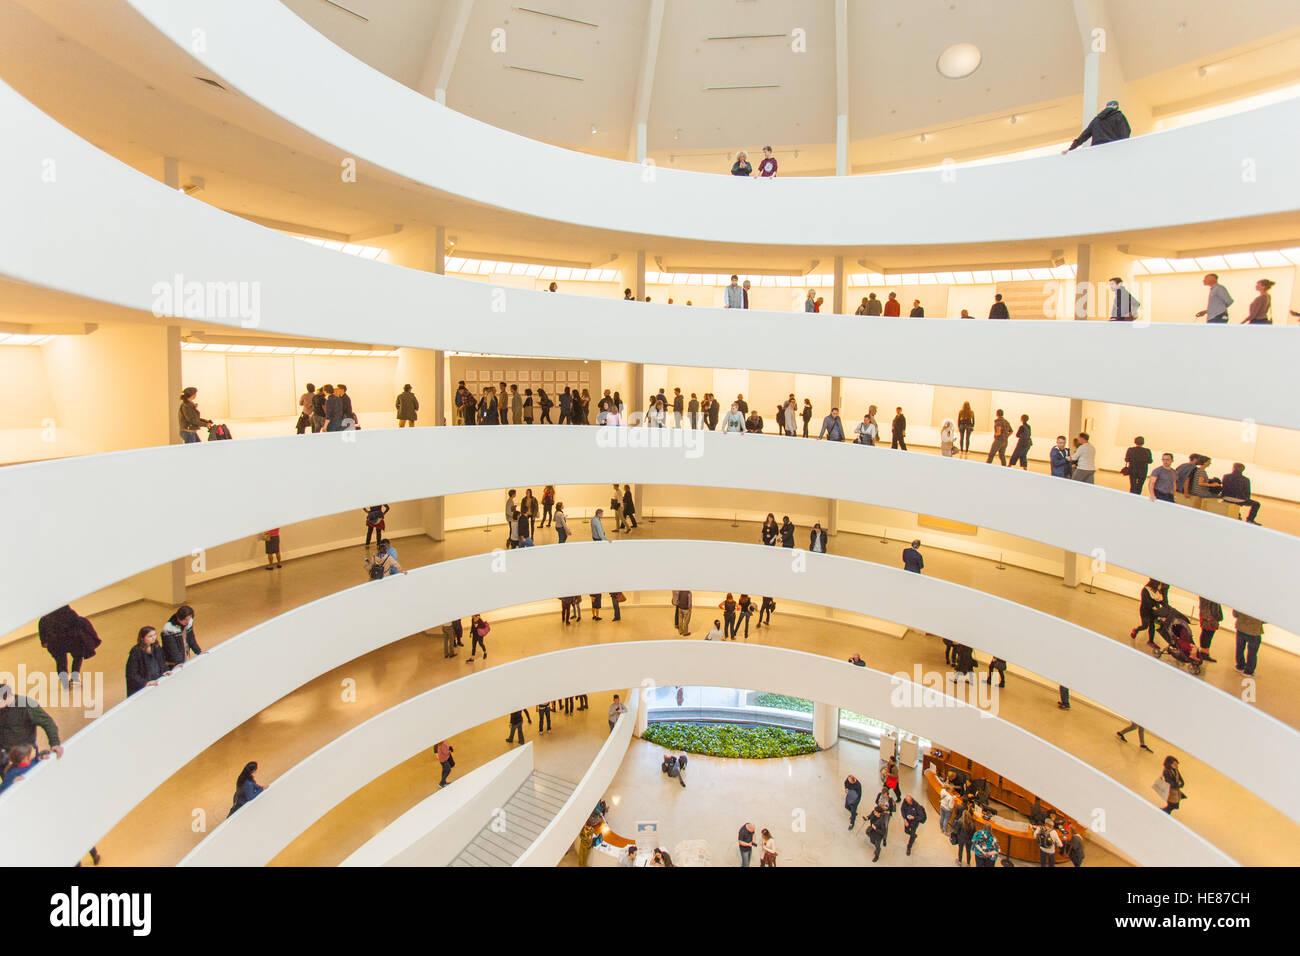 La espiral de la rotonda en el interior del Museo Guggenheim, la Quinta Avenida, Manhattan, Ciudad de Nueva York, Imagen De Stock